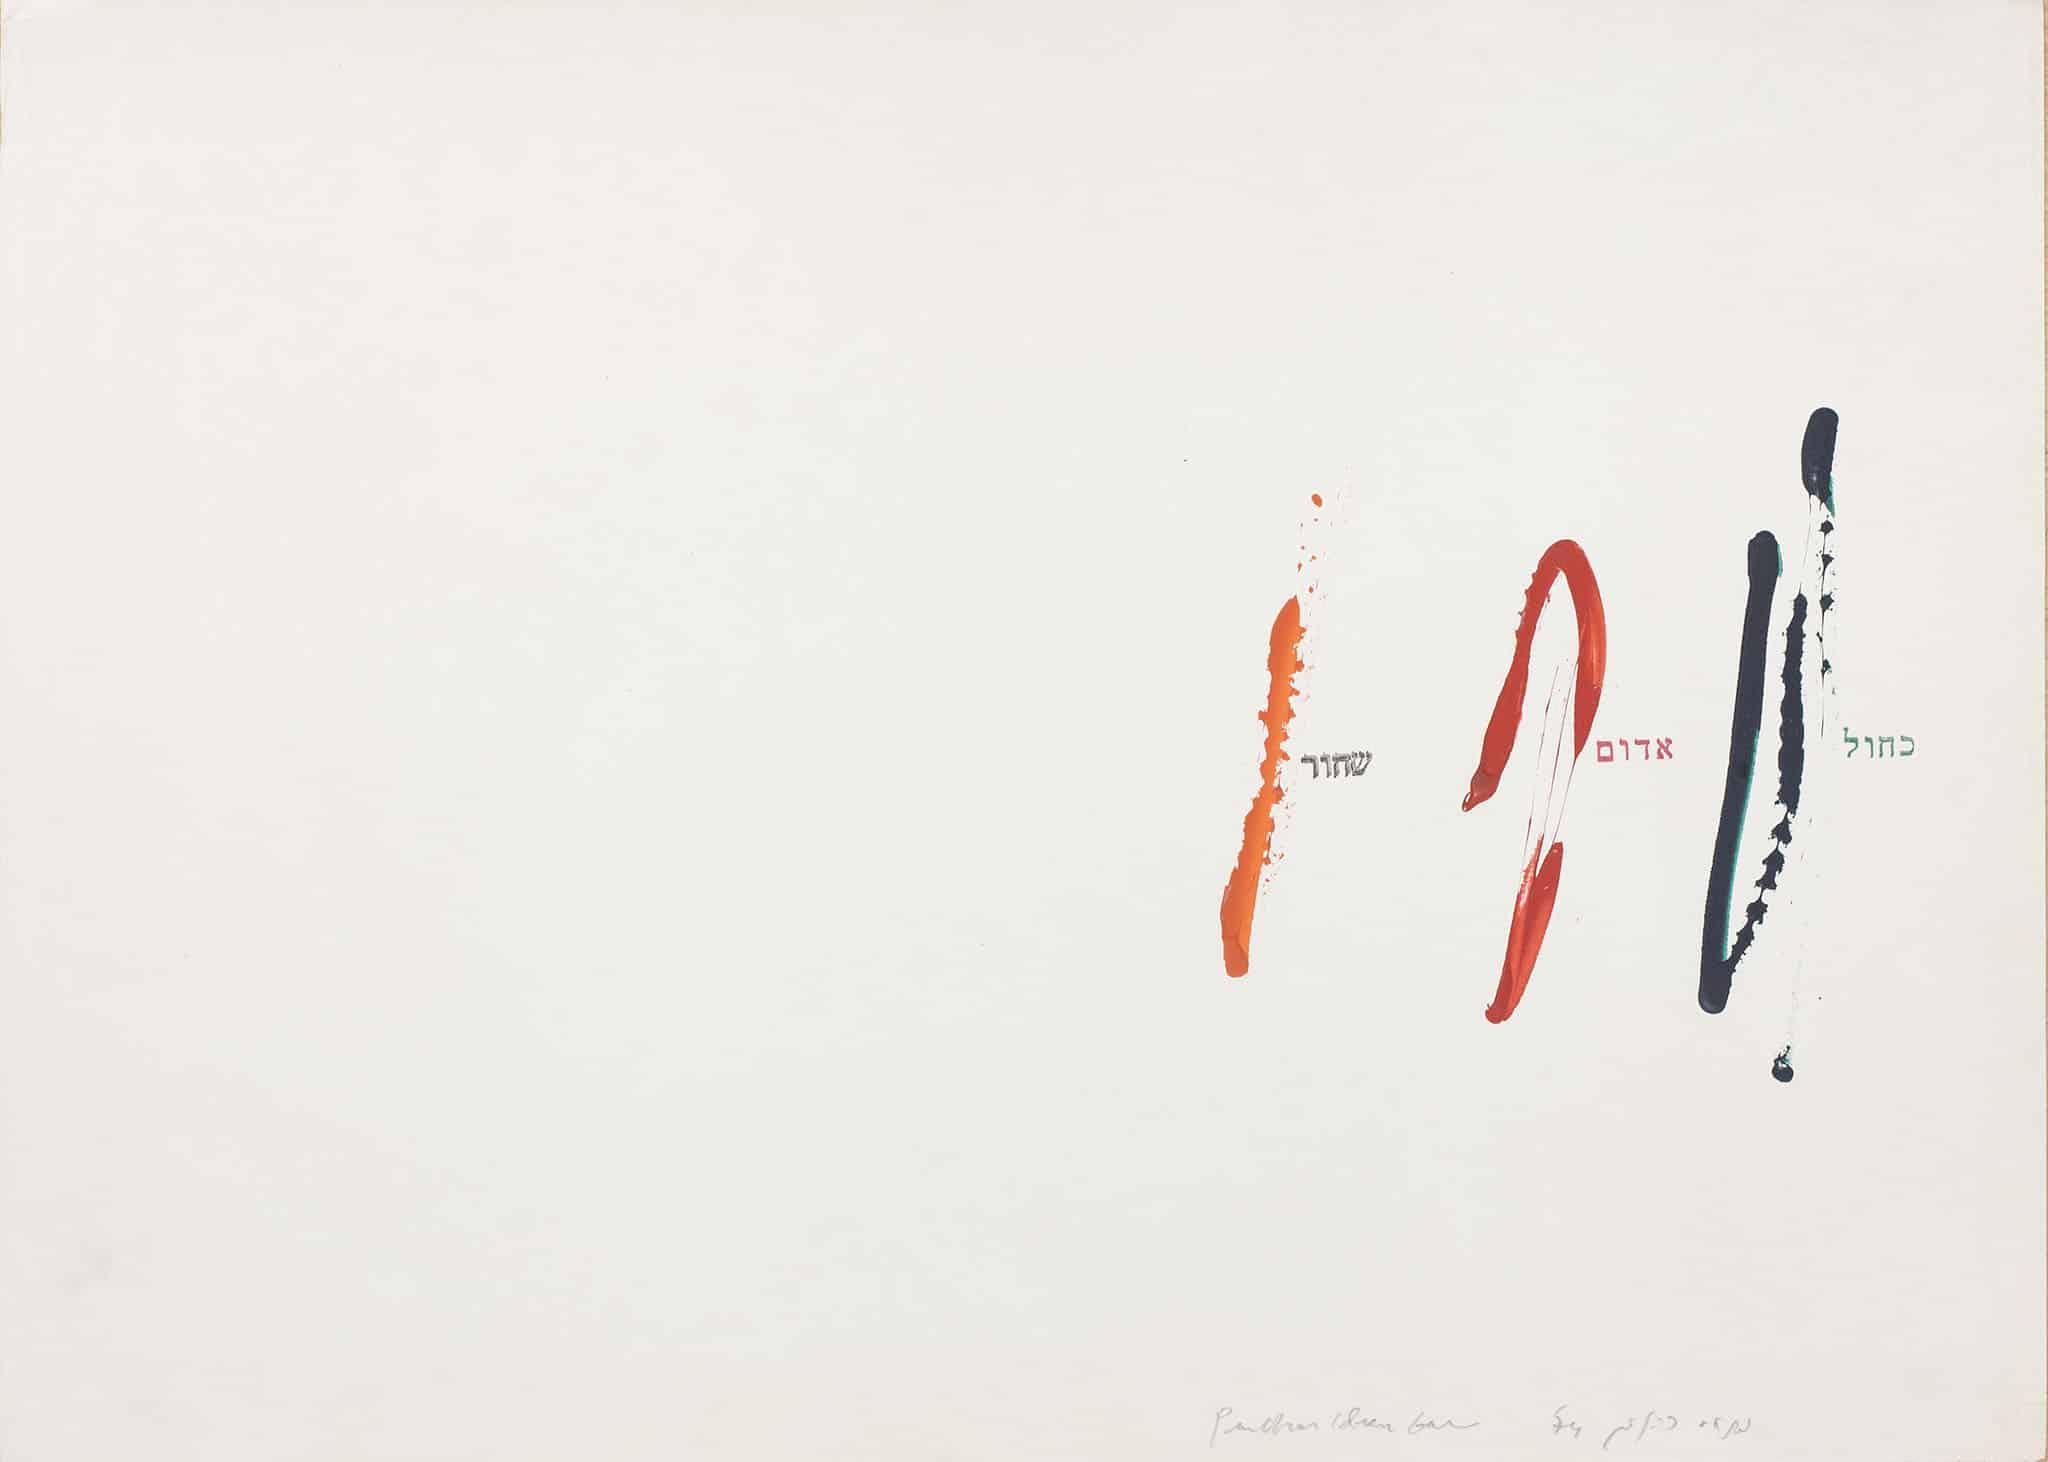 """פנחס כהן גן, """"יחסיות הצבעים"""", 1974, שמן וטכניקה מעורבת על נייר, 50x70 ס""""מ"""